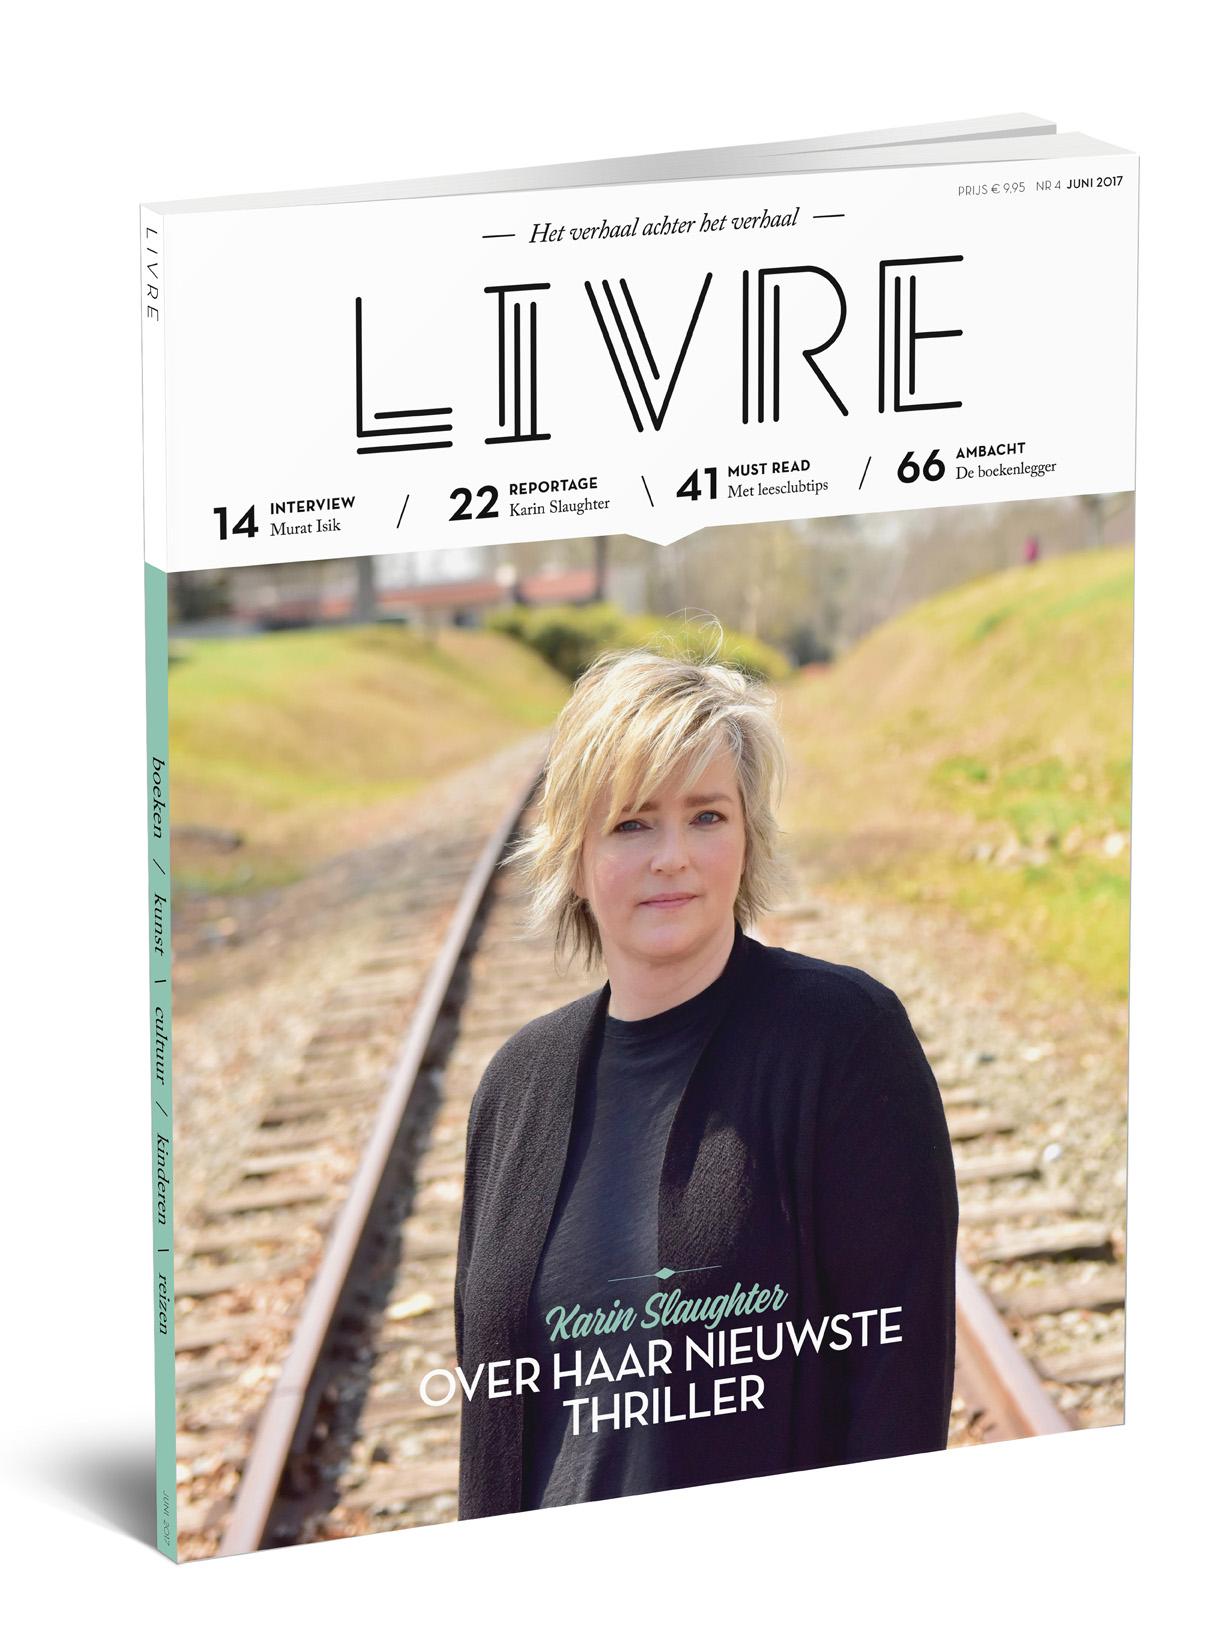 Lancering van een nieuw boekentijdschrift: Livre Magazine, Hans van der klis, MediaFacts